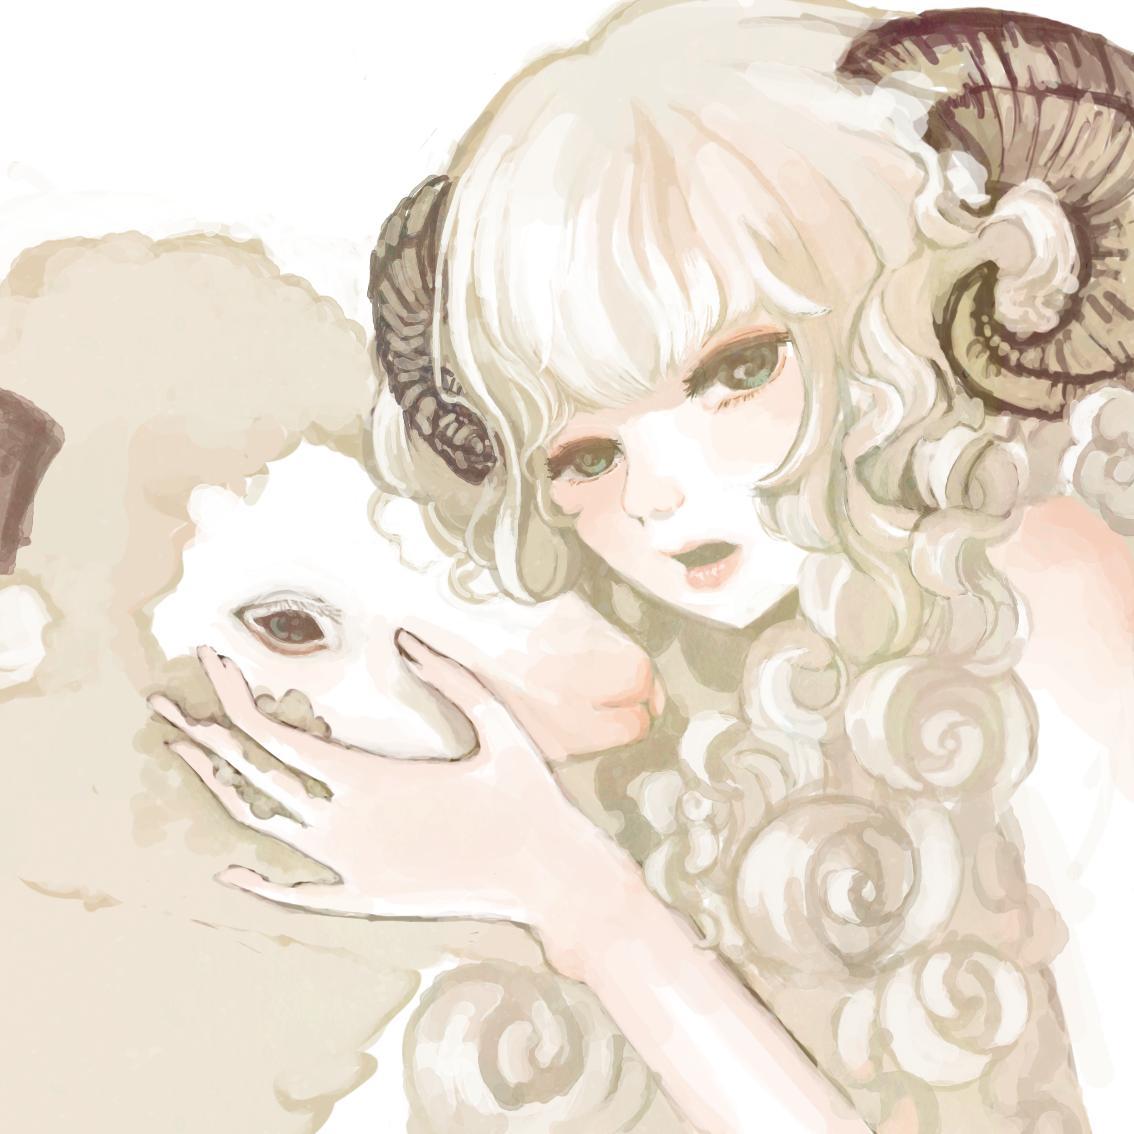 Aries Anime Zodiac Girls